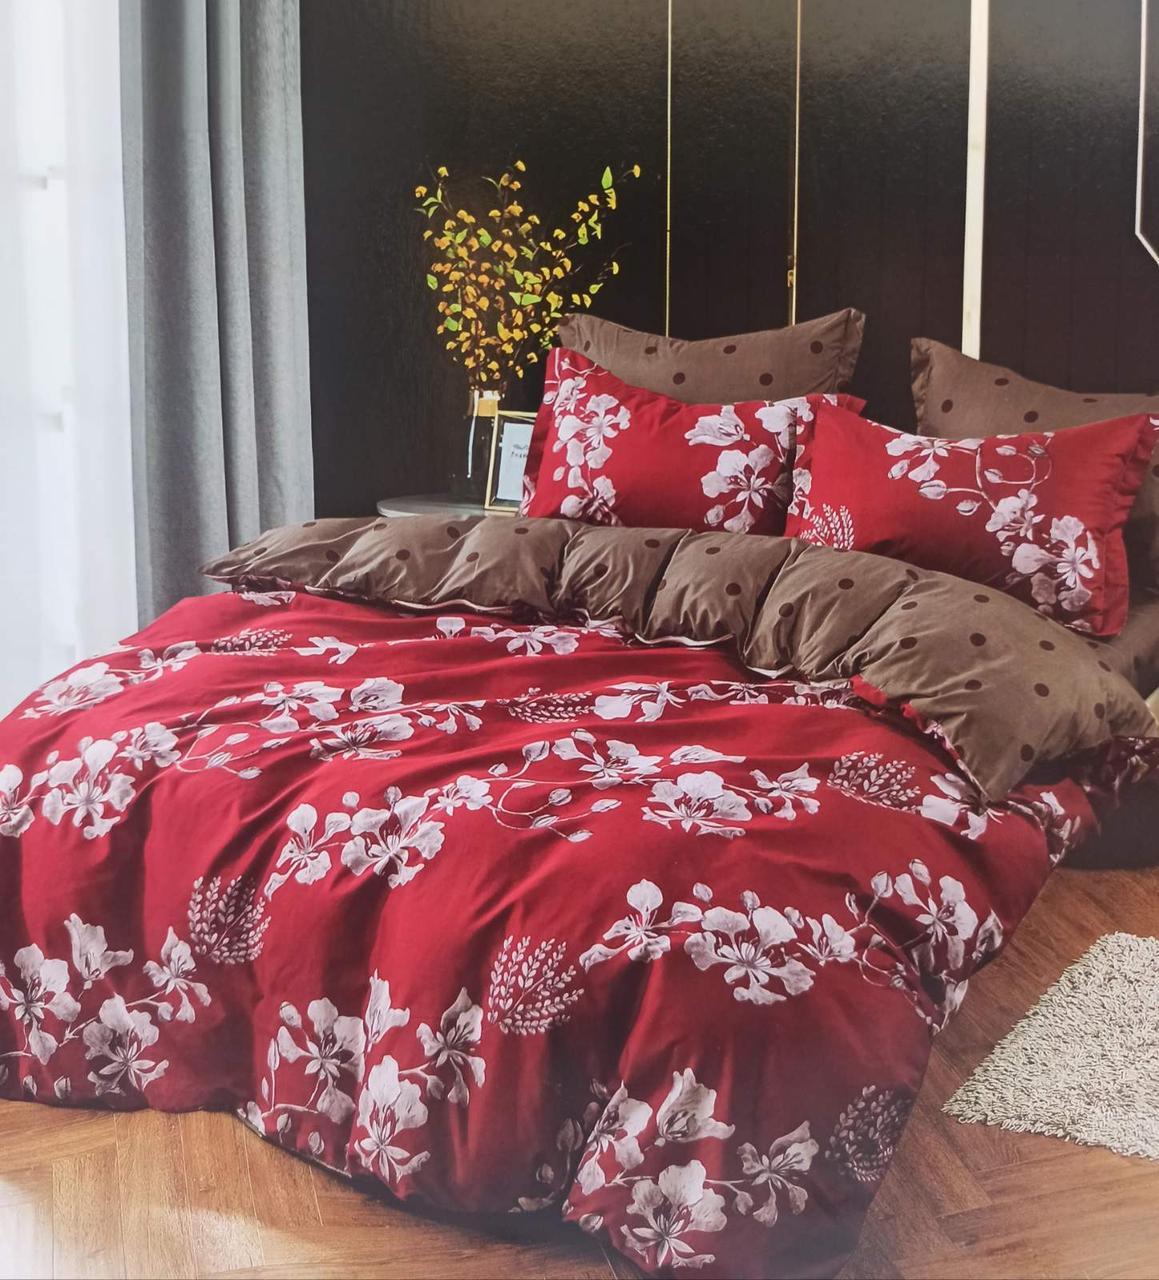 Комплект постельного белья двухсторонний  Цветы на красном Ткань Полисатин